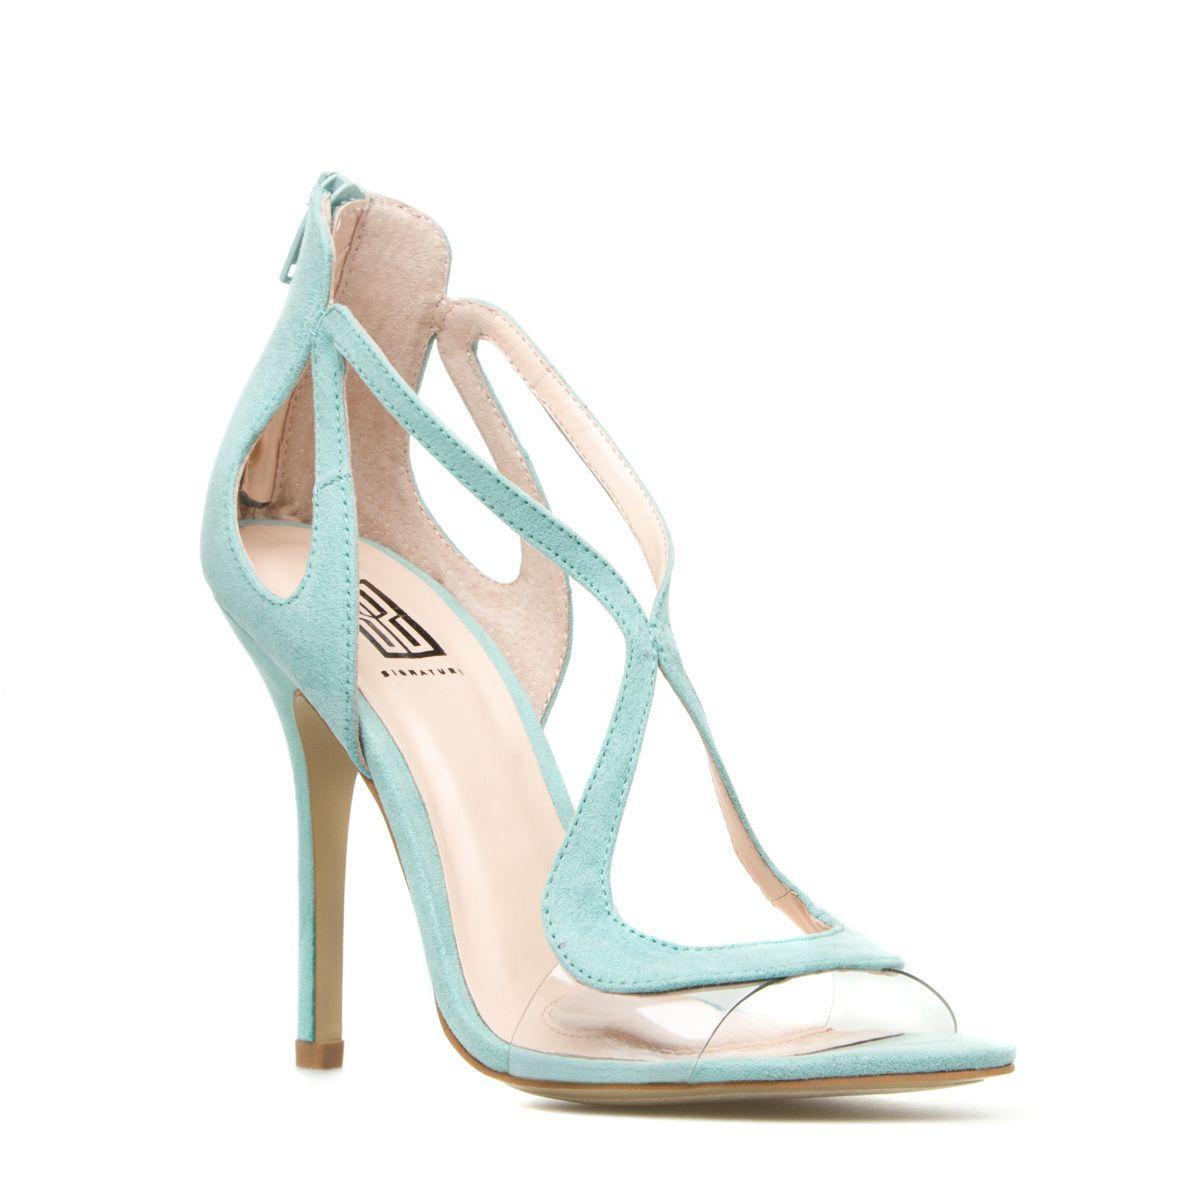 bcb2364908d0 Kennia - ShoeDazzle(LOVE!)